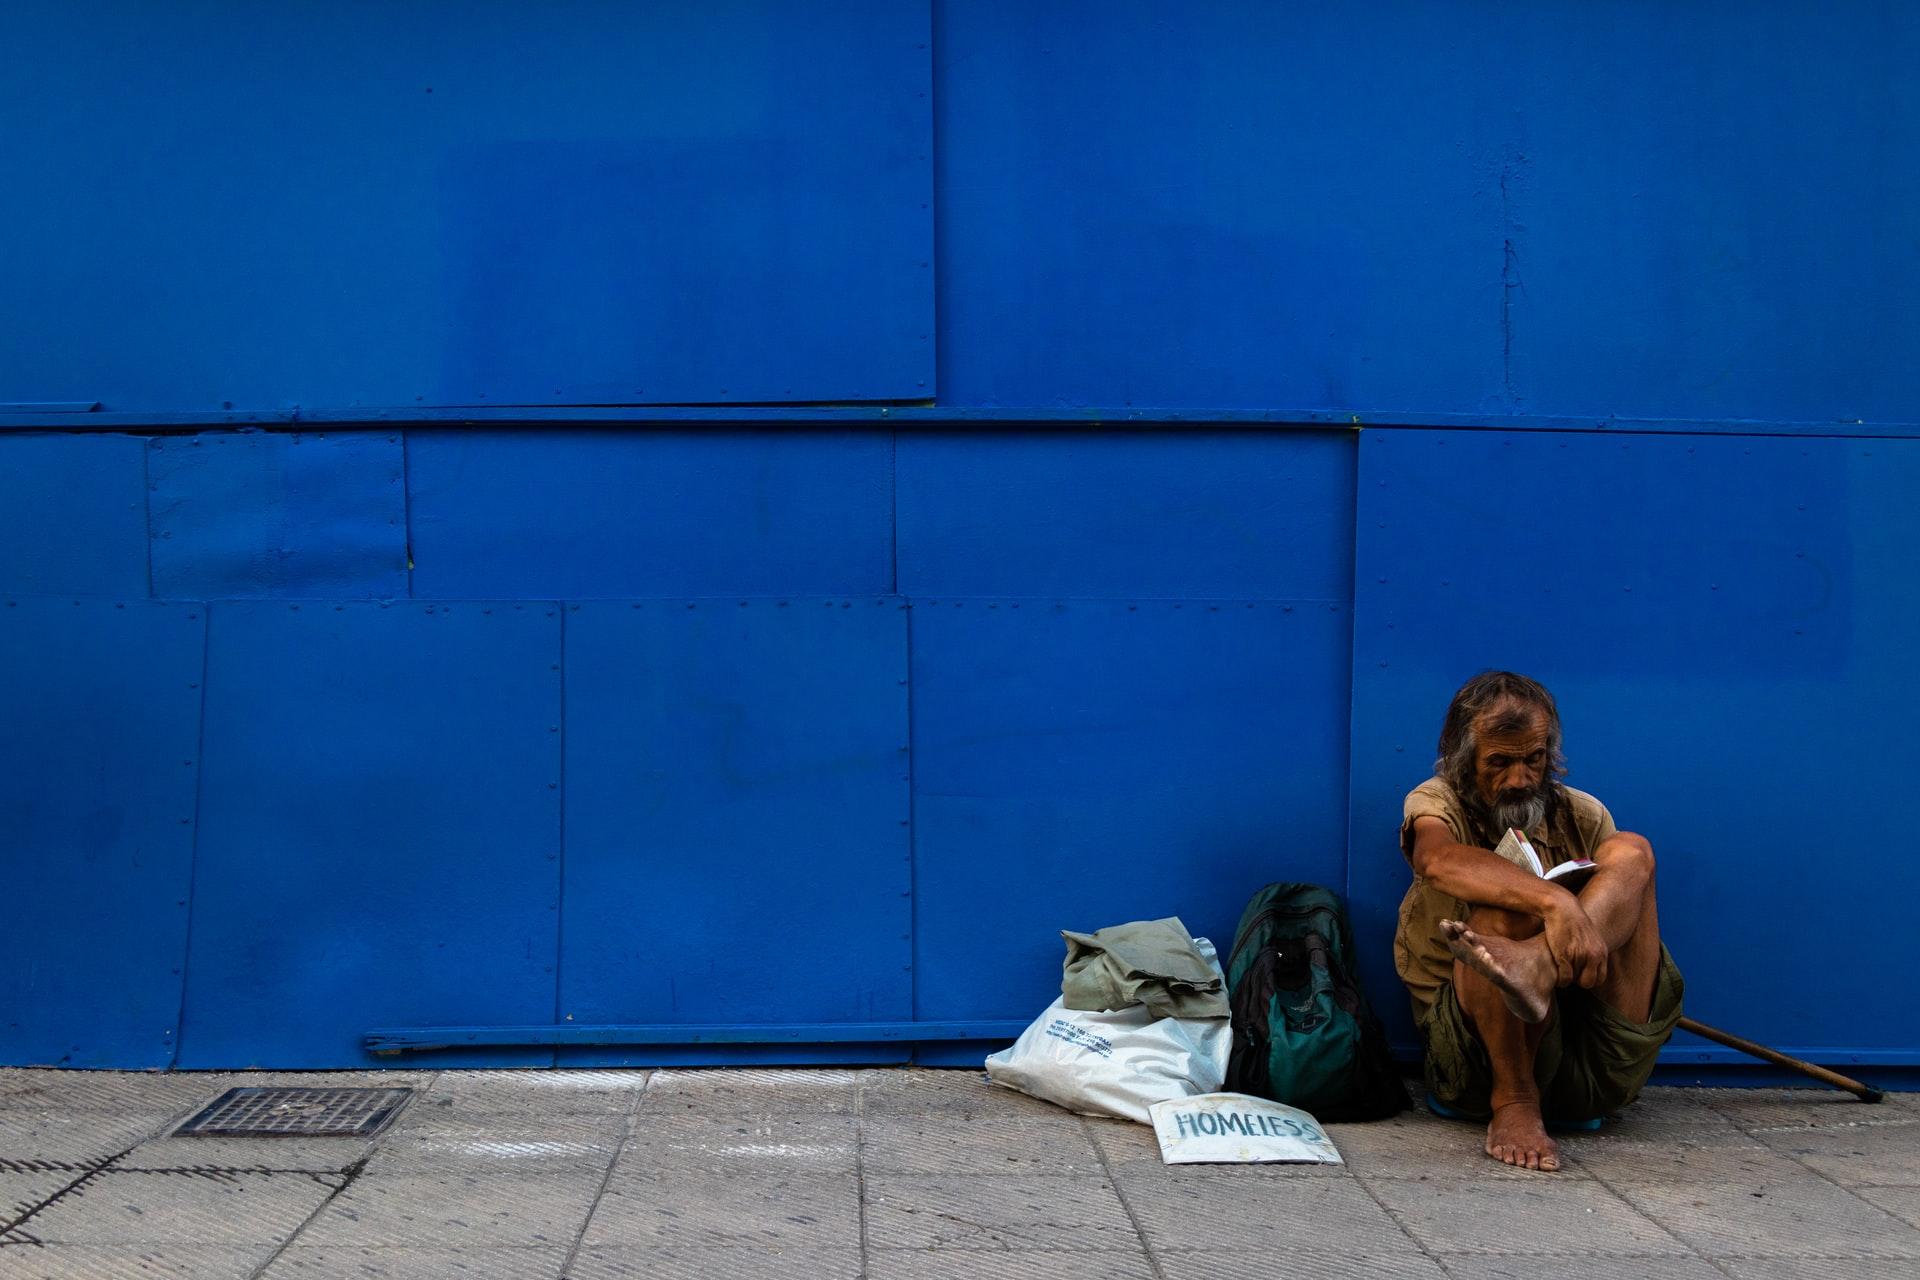 貧困によって格差が広がるとはどういうこと?